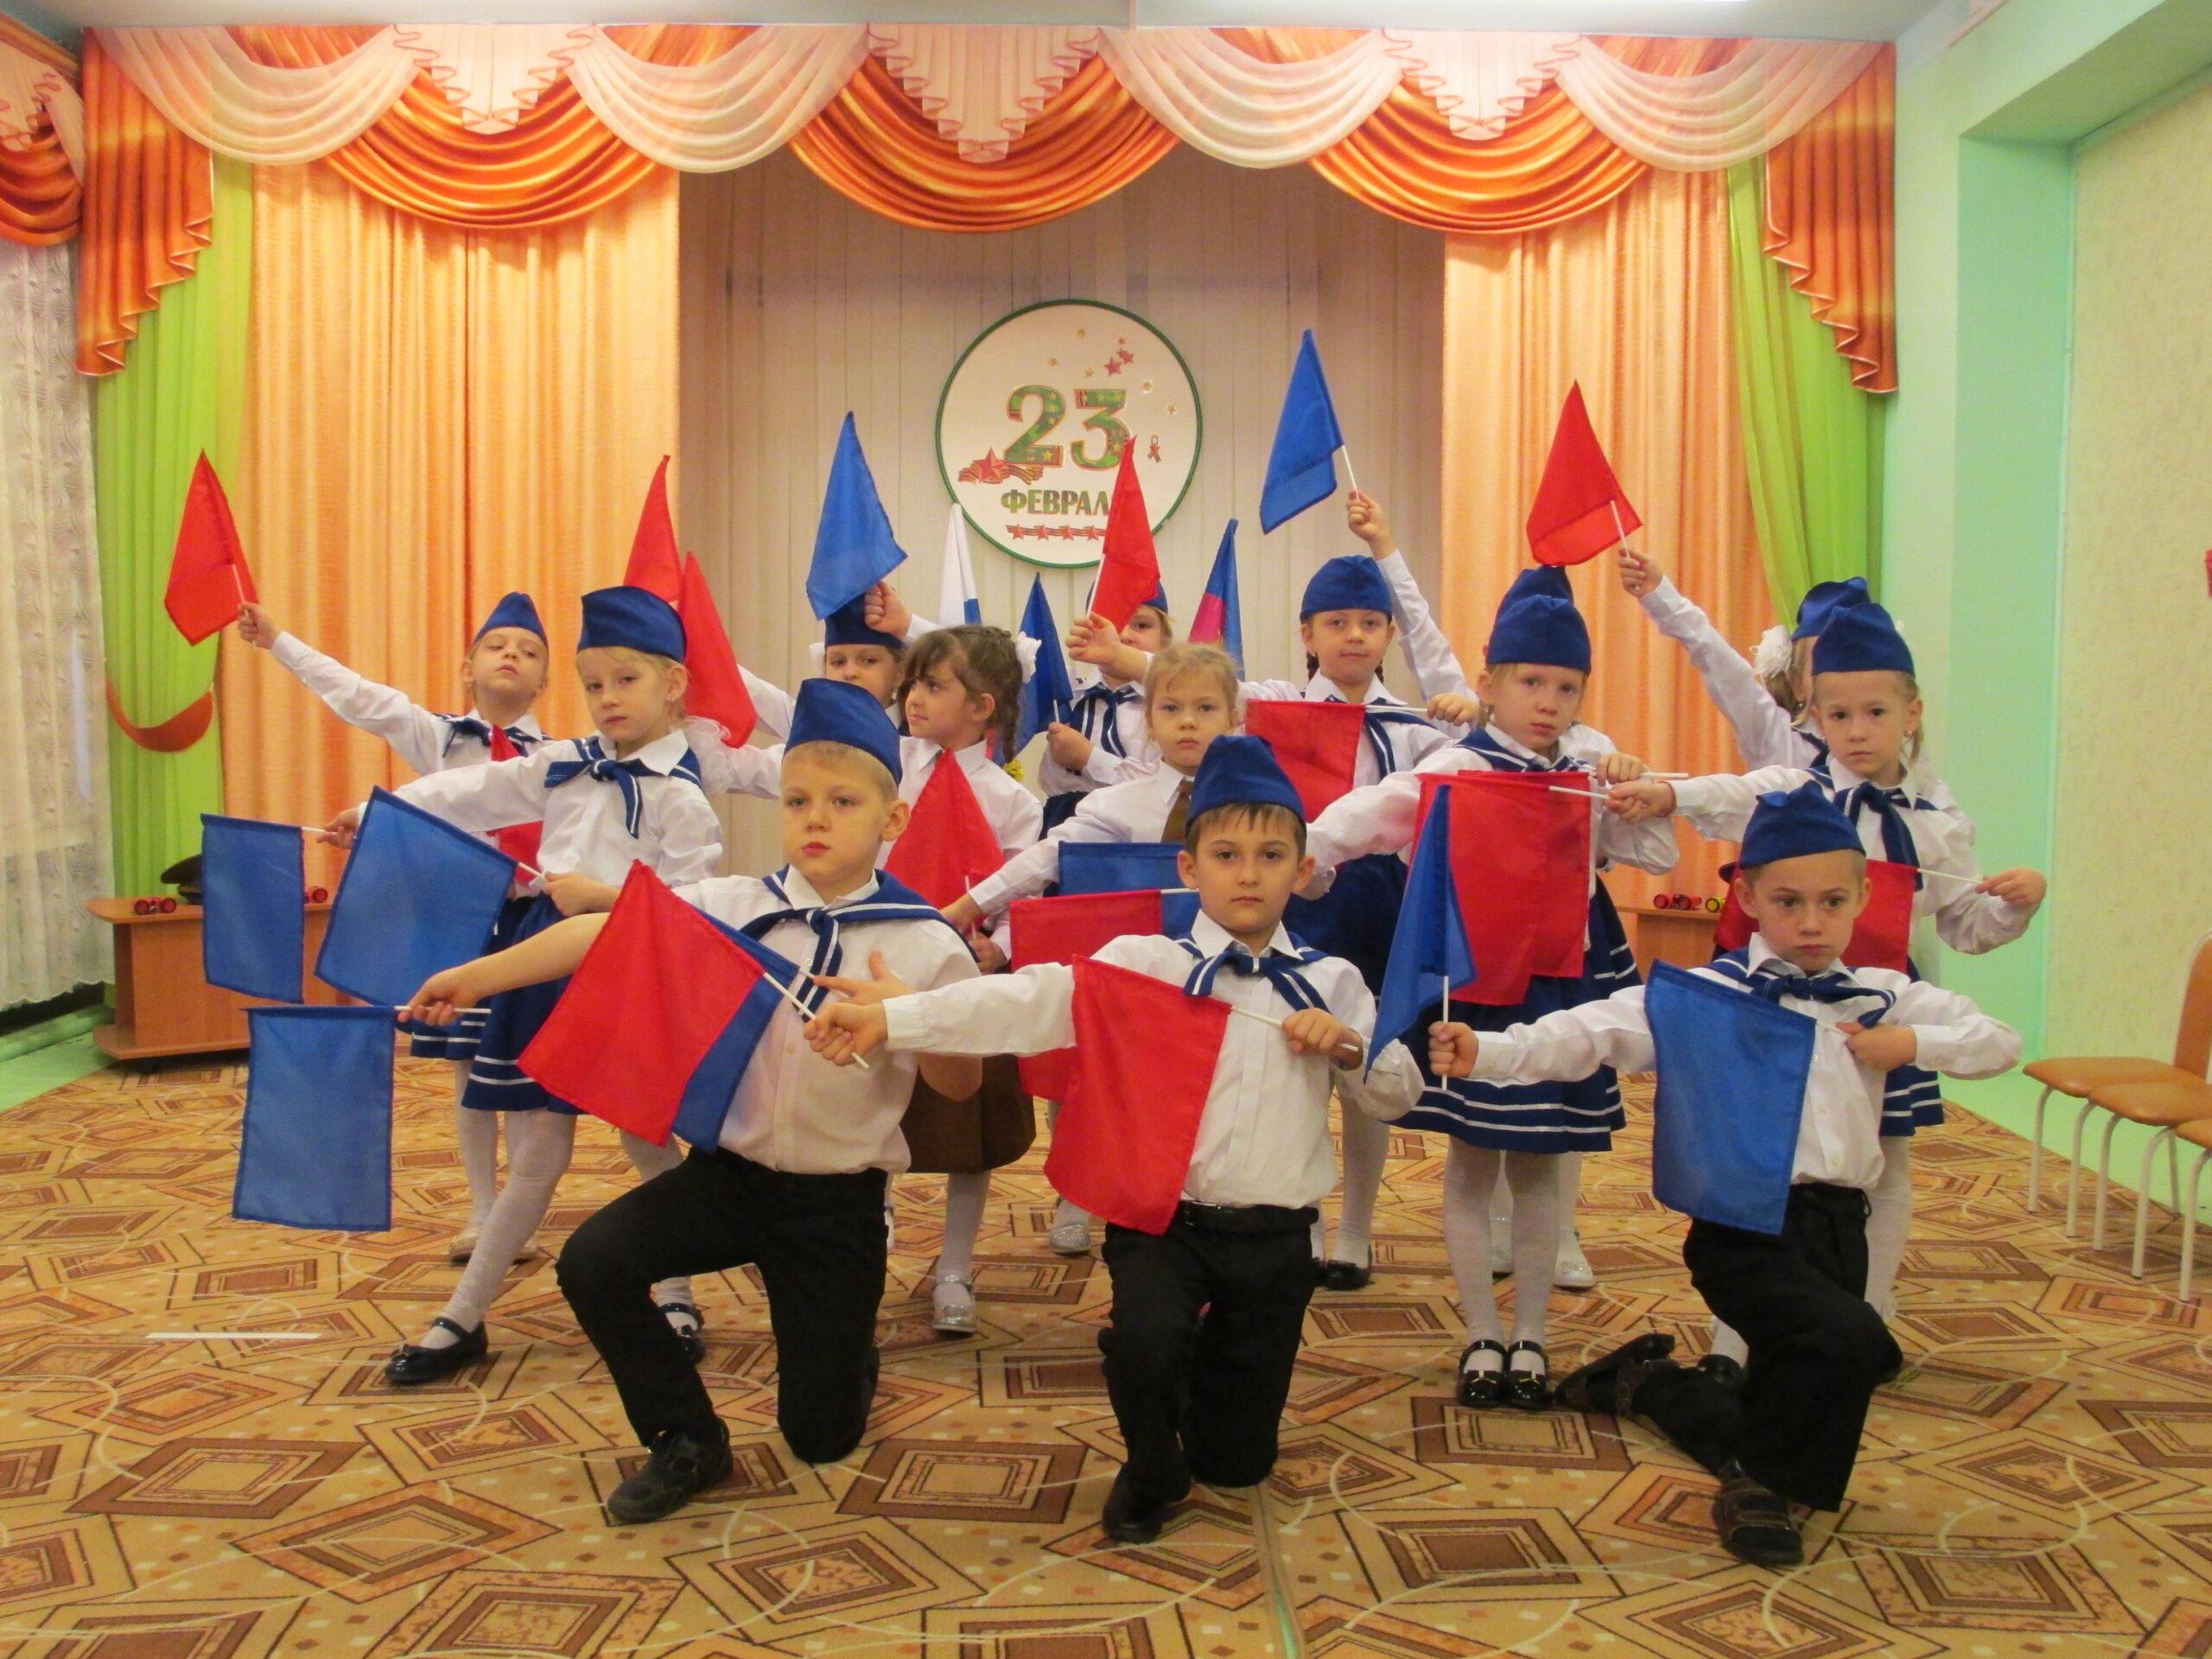 В детском саду №28 ст. Федоровской прошло торжественное открытие месячника оборонно-массовой и военно-патриотической работы